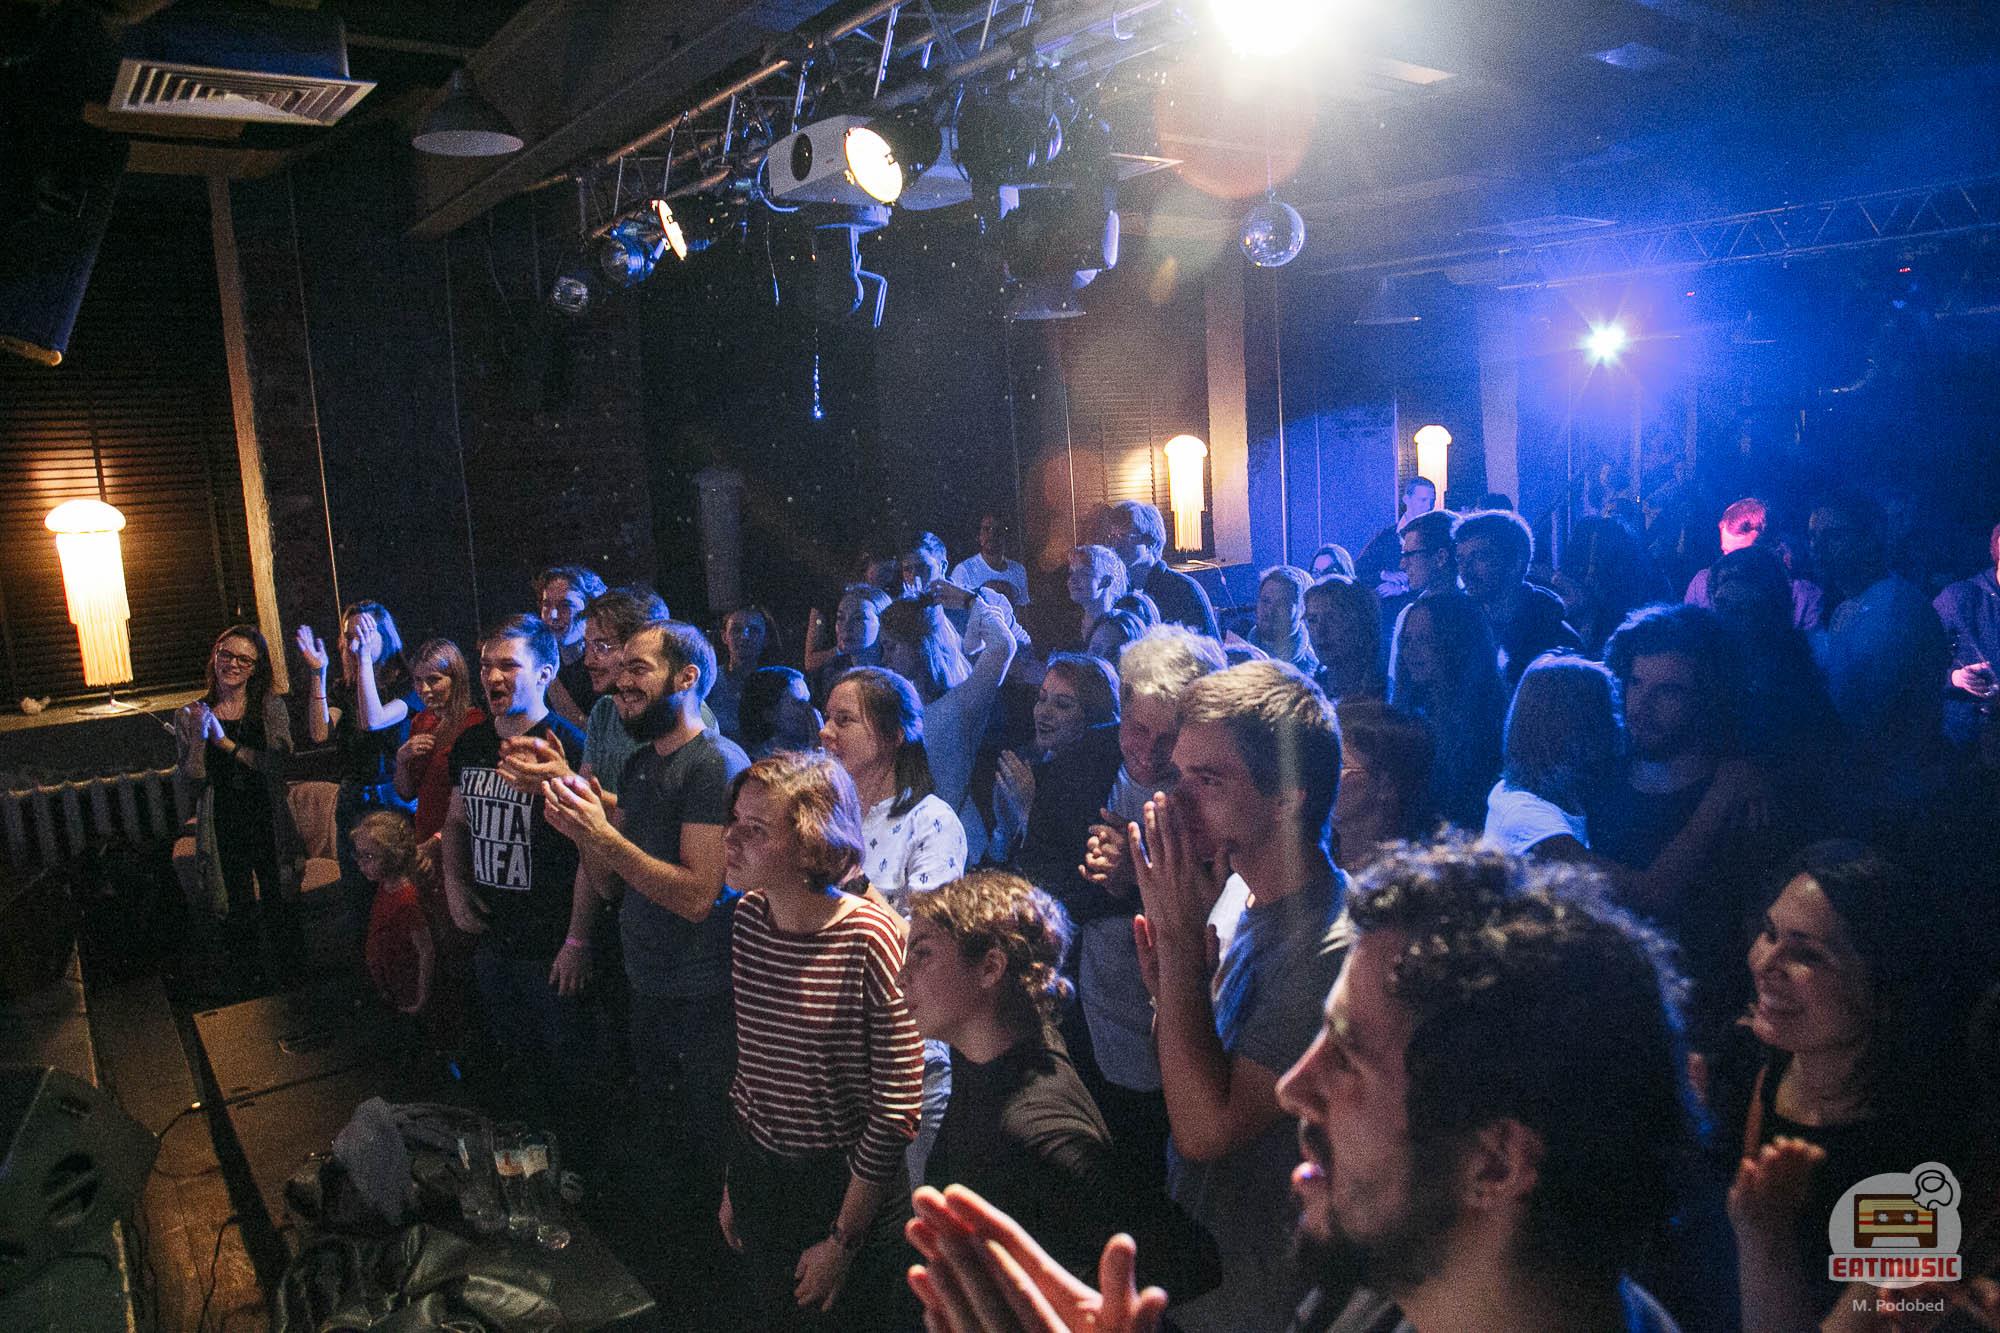 Концерт Carbon White в клубе Fassbinder: фотограф - Михаил Подобед